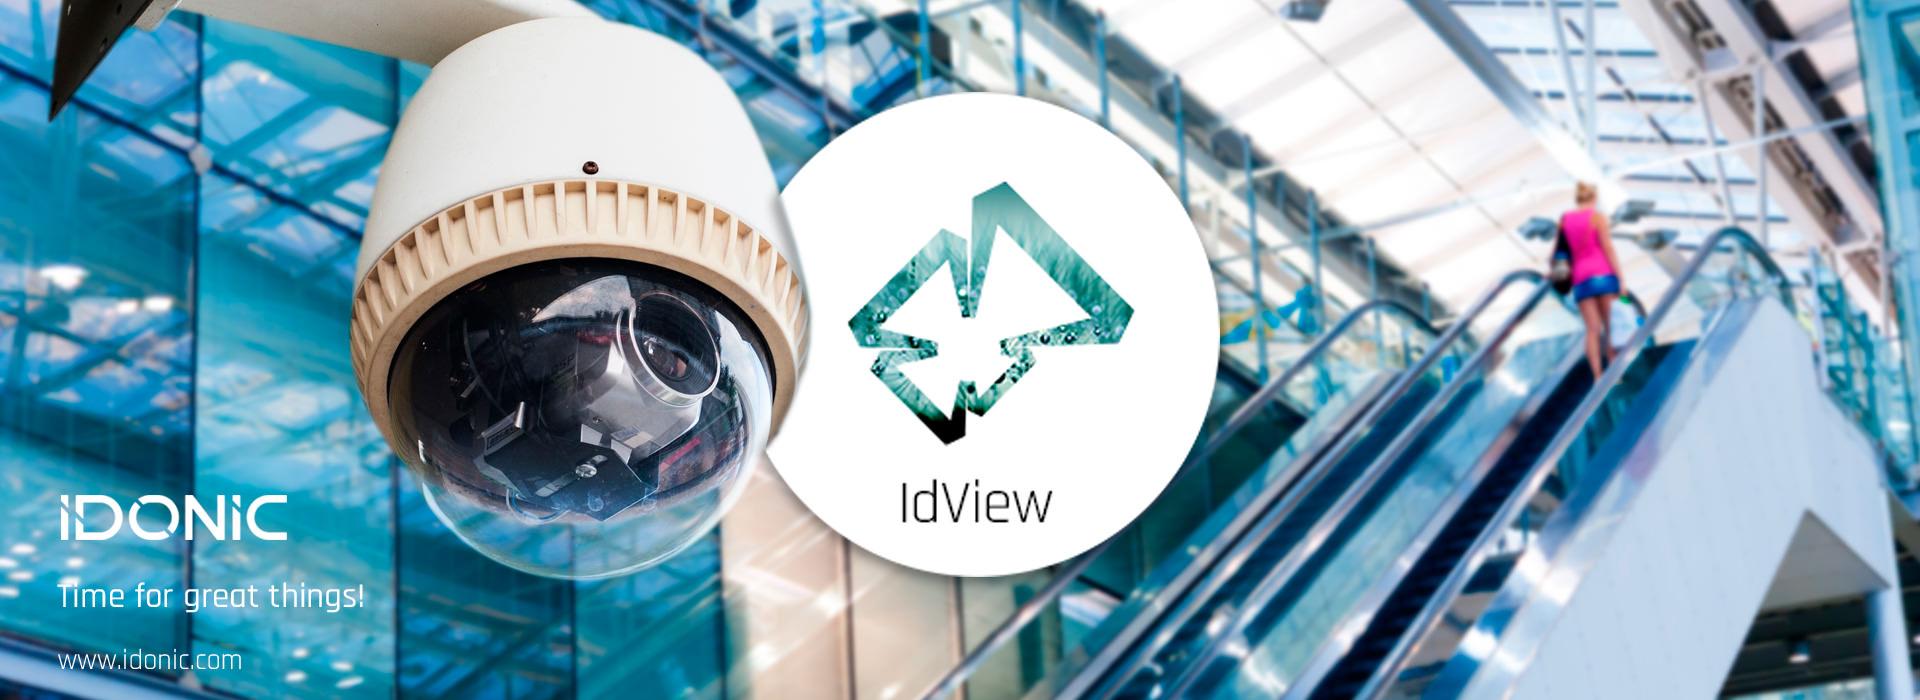 idview-videovigilancia-retalho